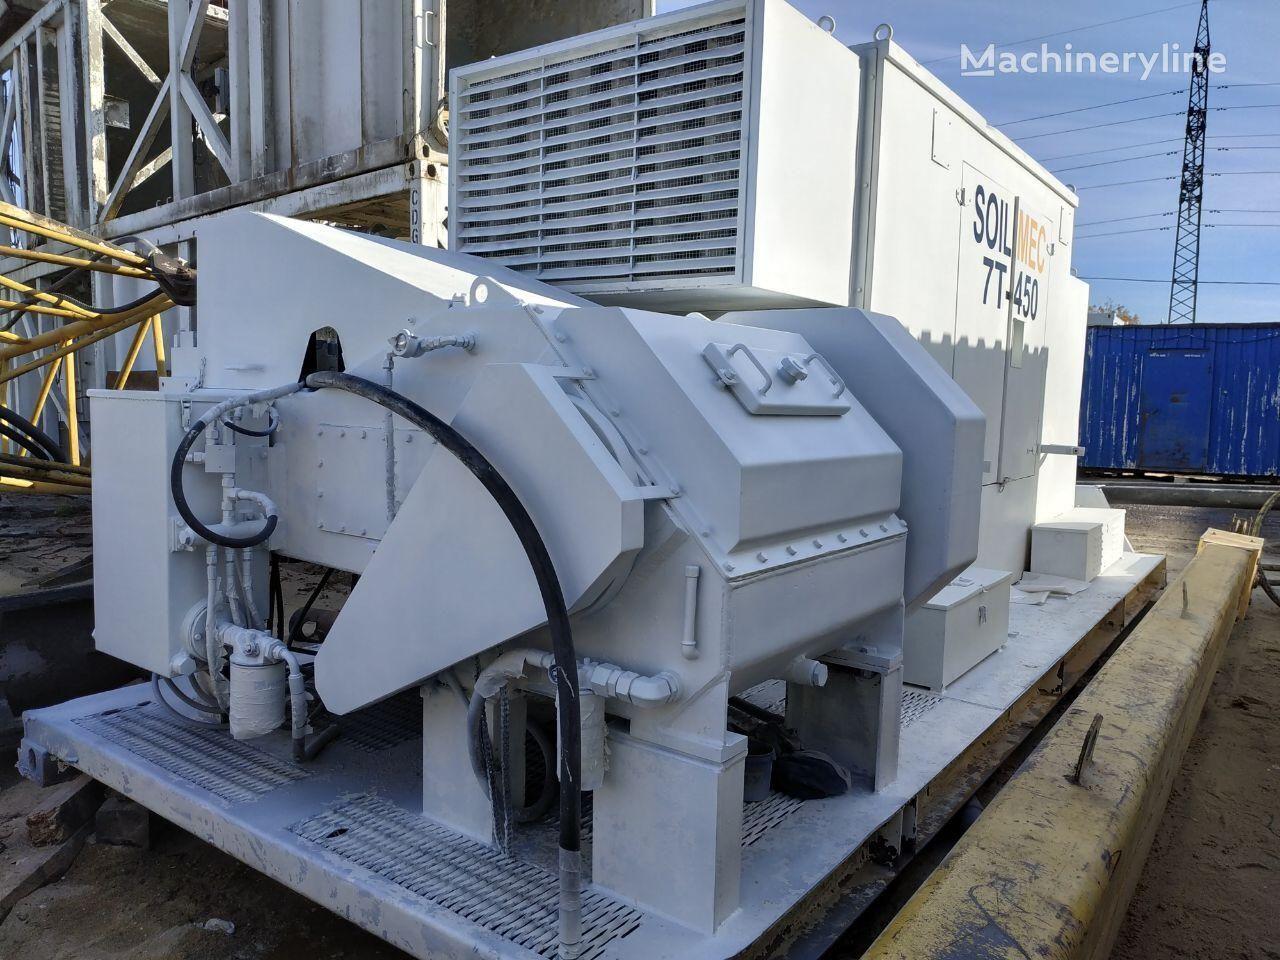 SOILMEC 7T-450 drilling rig